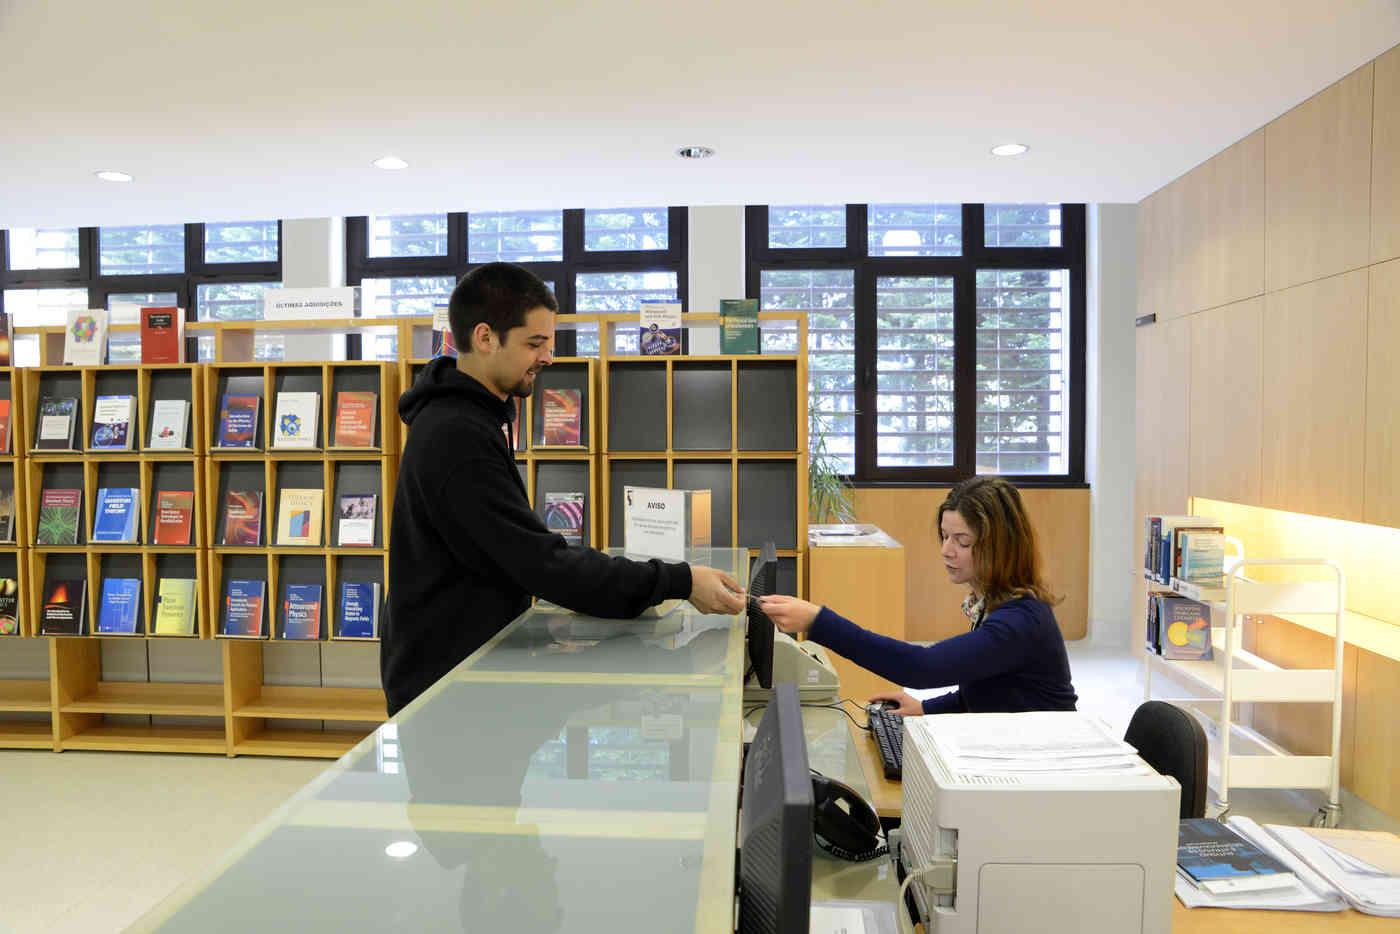 Usufrua de benefícios e acessos especiais na Universidade do Porto